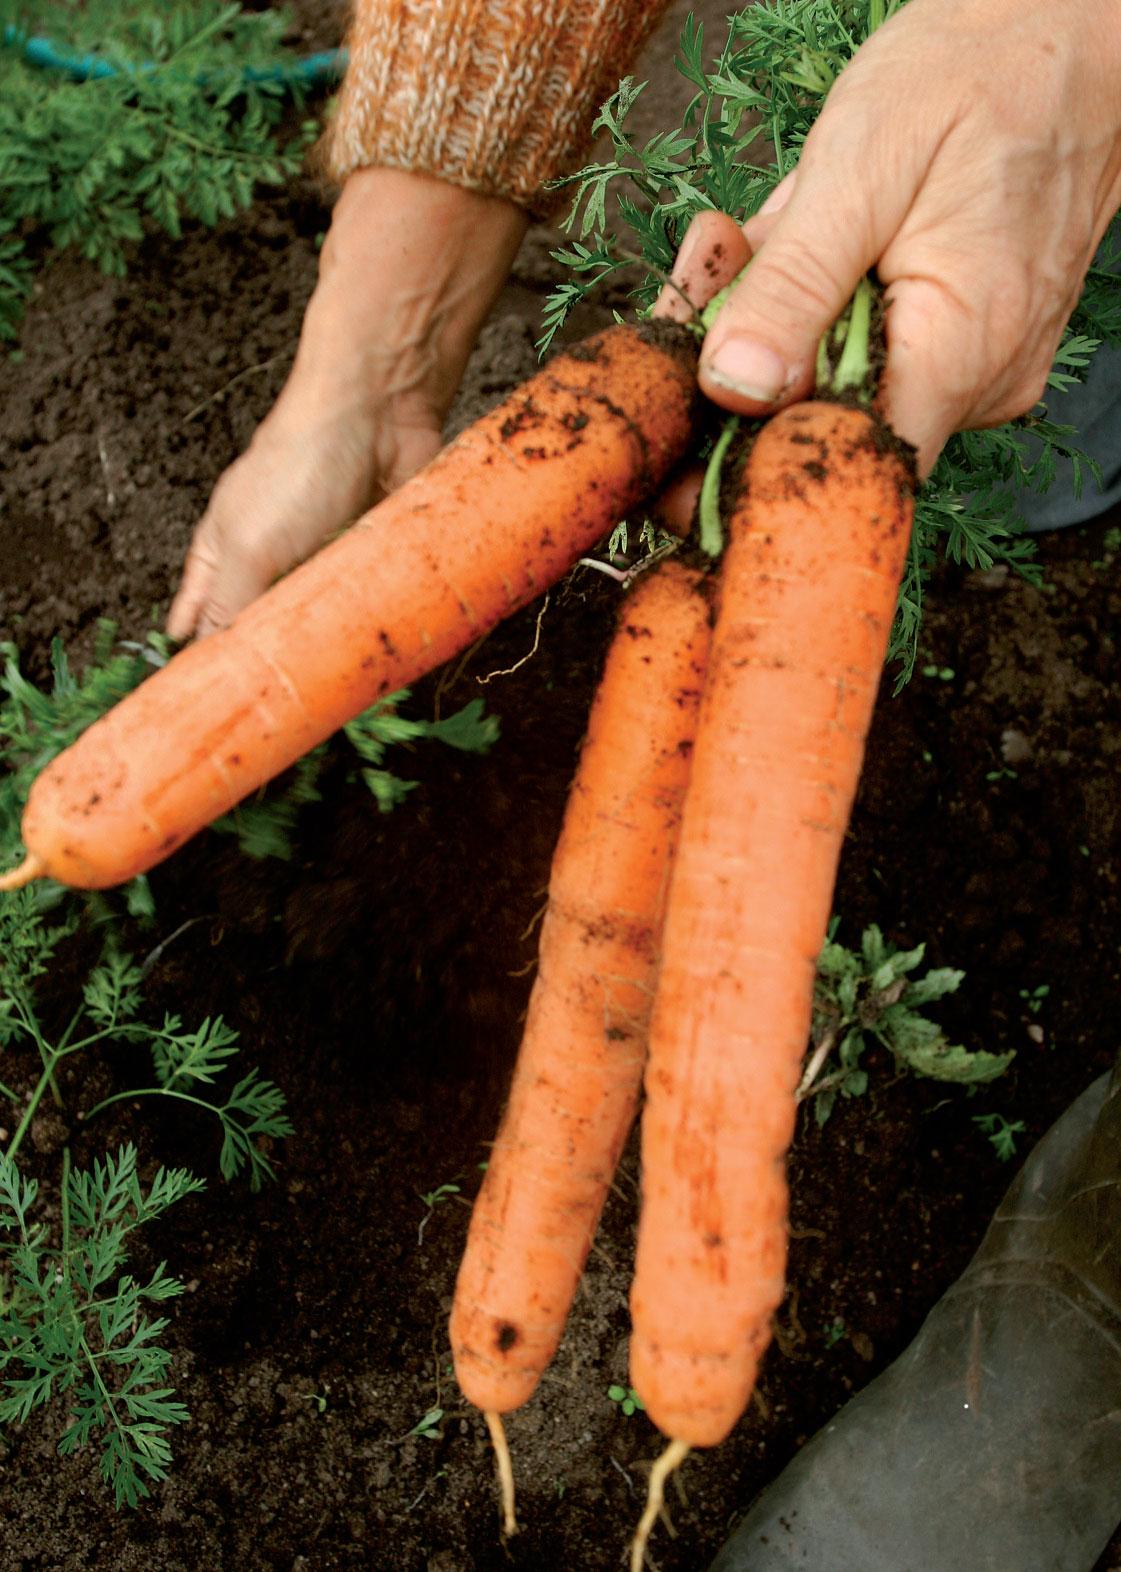 Pyöristynyt pää kertoo porkkanasadon olevan valmis korjattavaksi. Kun lehdet katkaisee taittamalla, juures ei verso nopeasti varastossa.